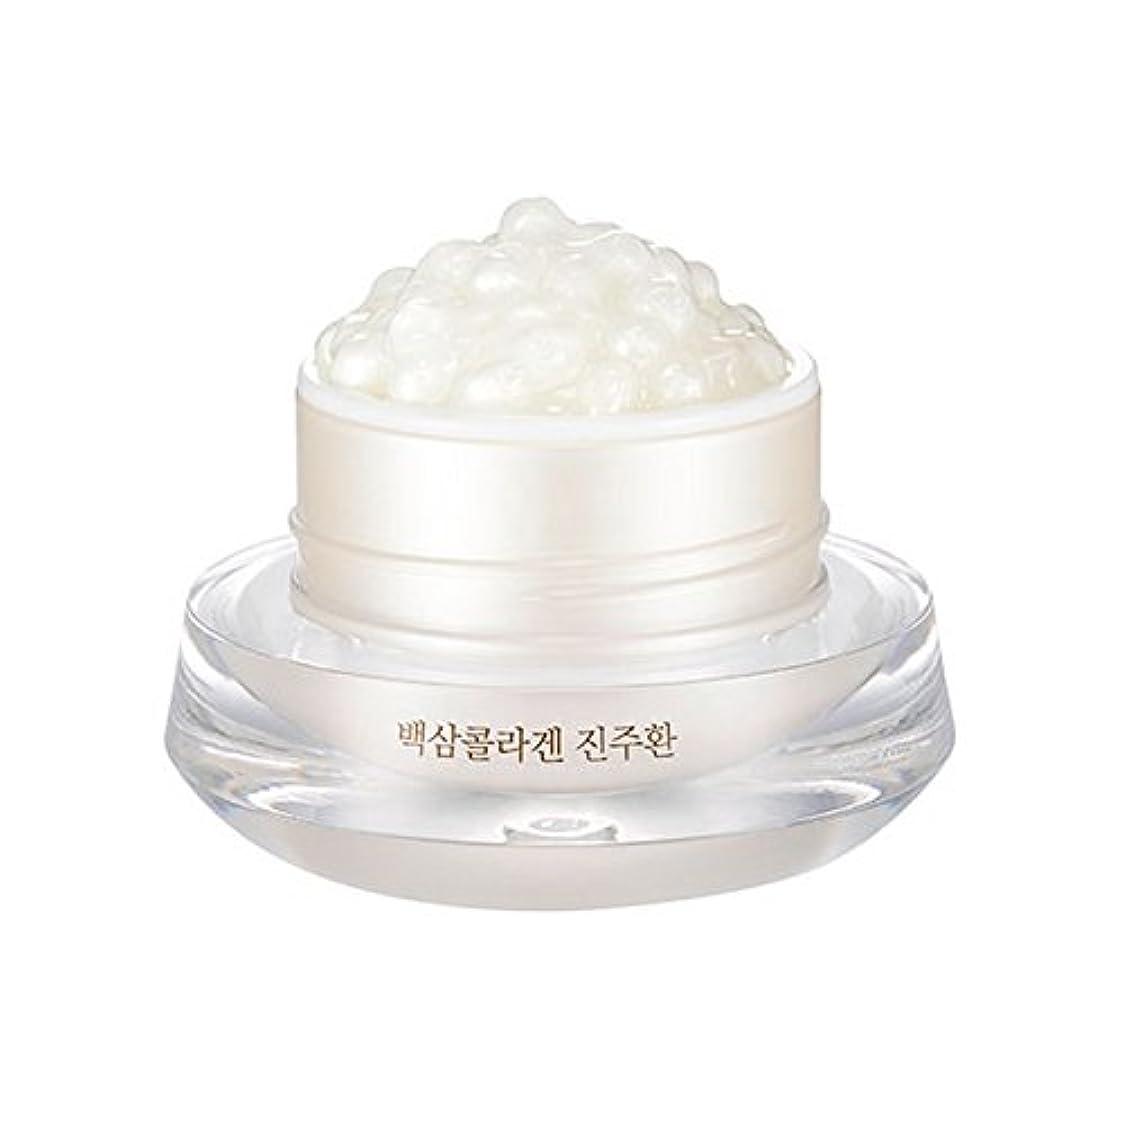 バンガロー火炎容疑者[ザ?フェイスショップ] The Face Shop 白参 コラーゲン パール カプセルクリーム White Ginseng Collagen Pearl Capsule Cream [並行輸入品]